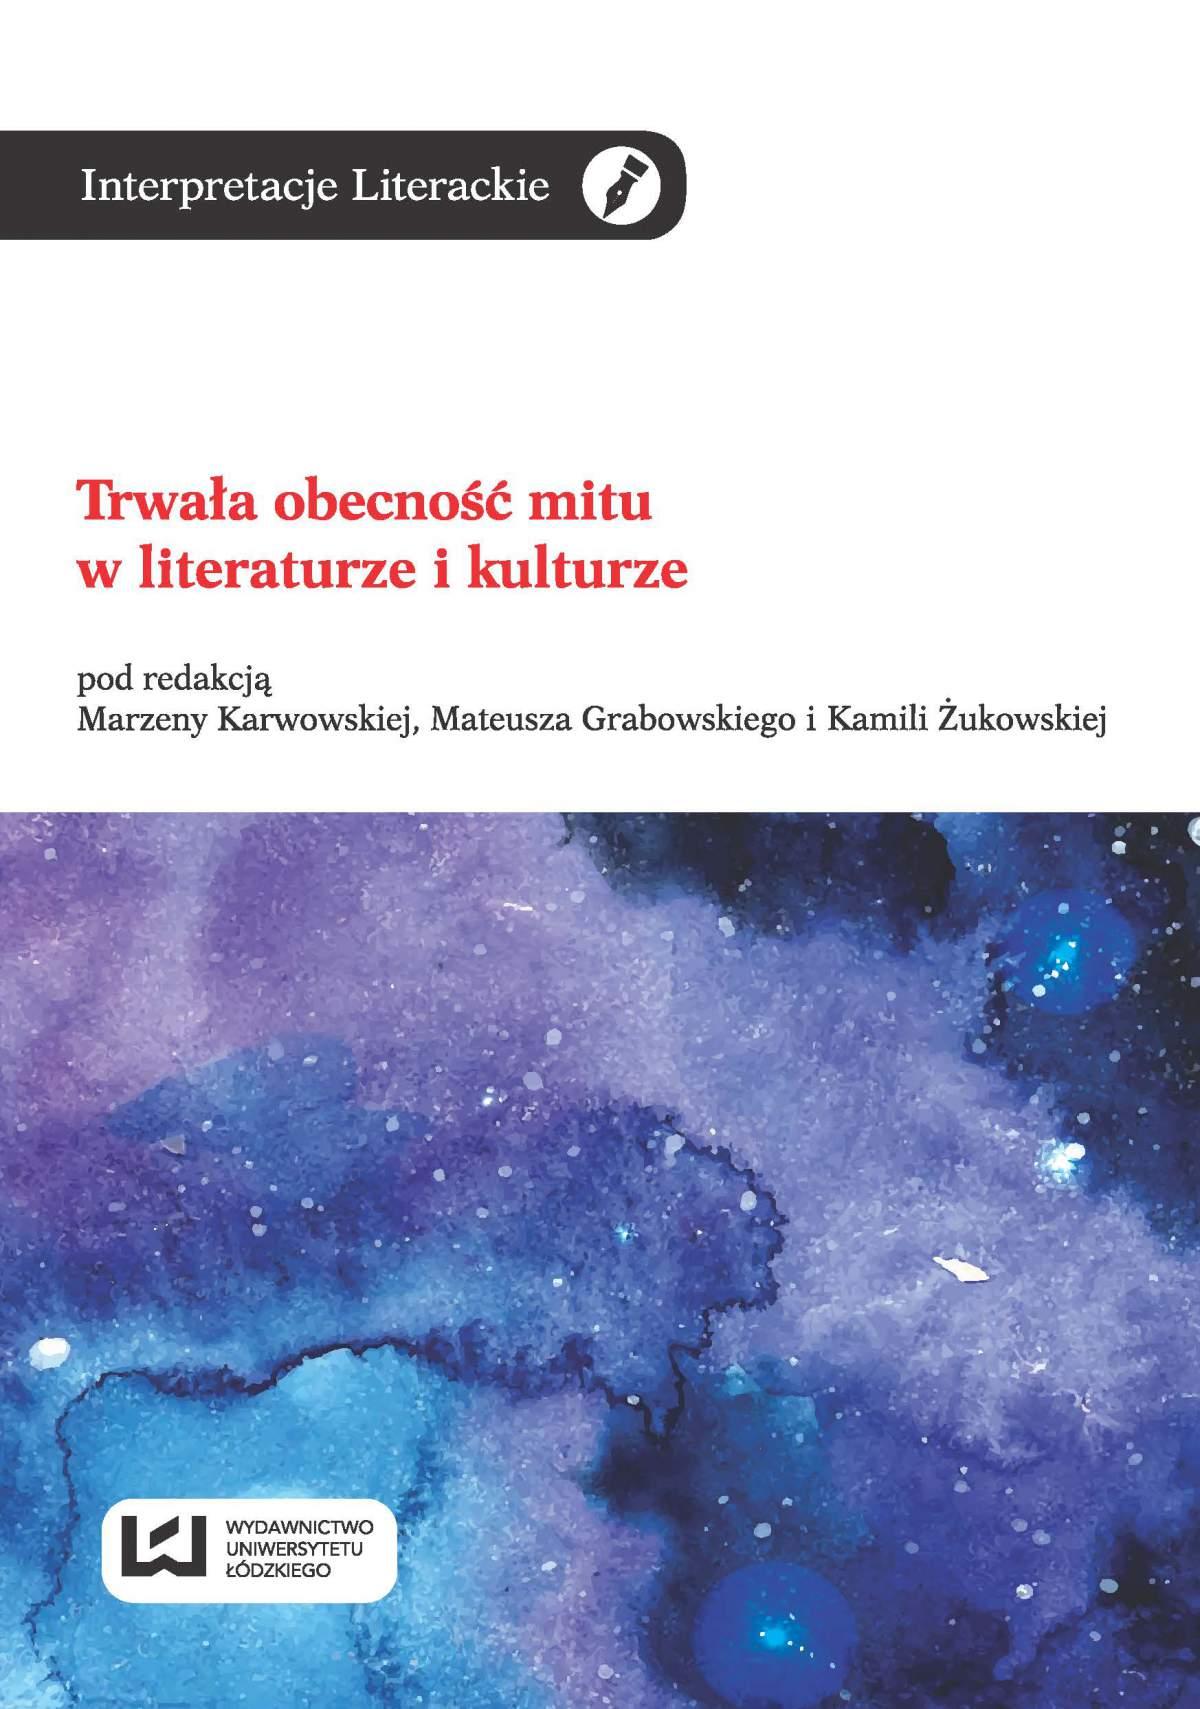 Trwała obecność mitu w literaturze i kulturze - Ebook (Książka PDF) do pobrania w formacie PDF